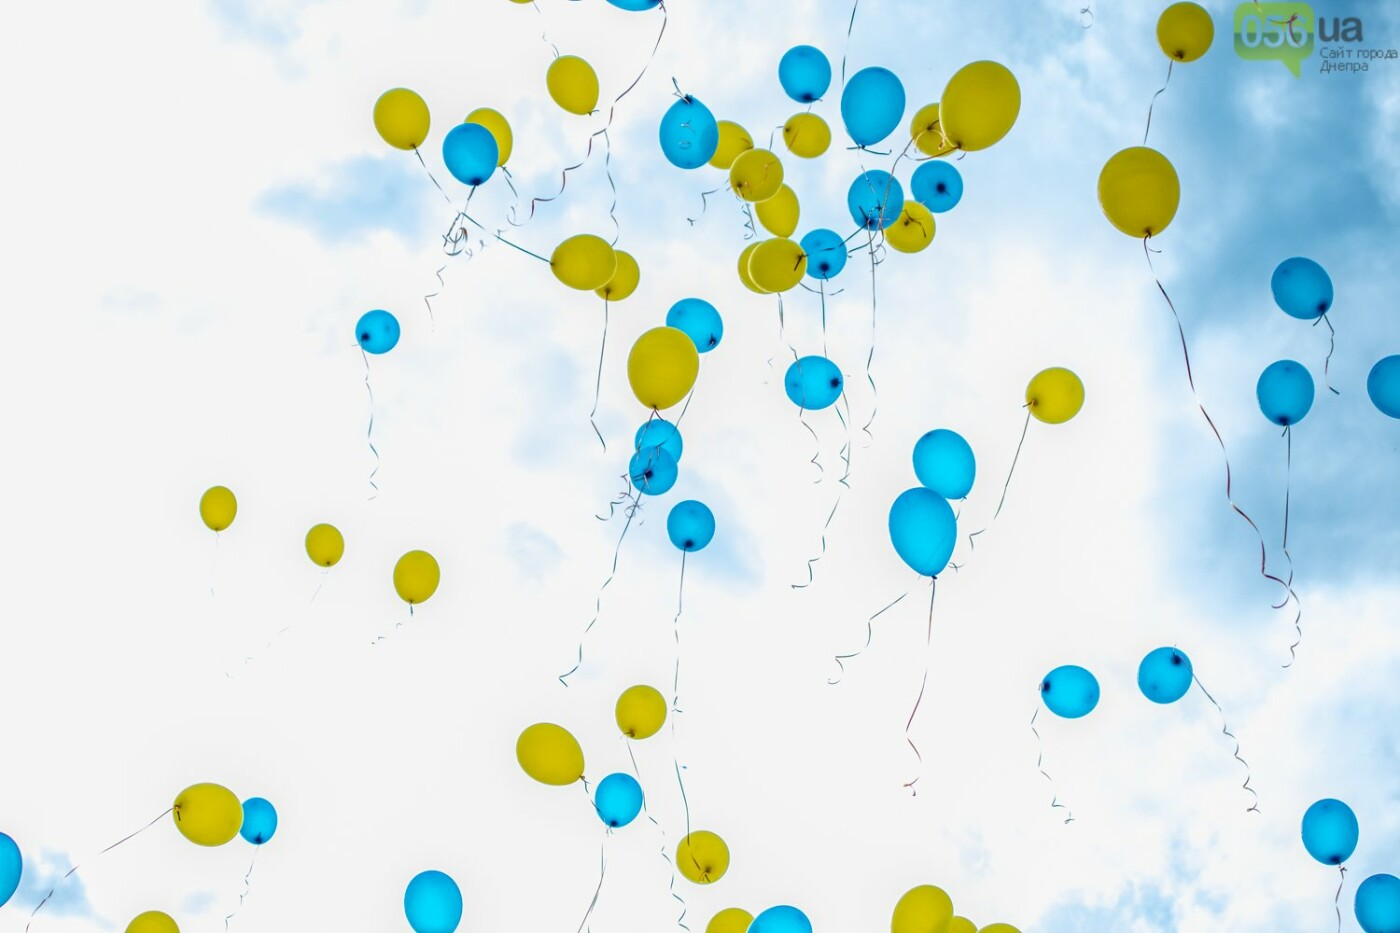 В Днепре устроили красочный флешмоб ко Дню Конституции, - ФОТОРЕПОРТАЖ, фото-9